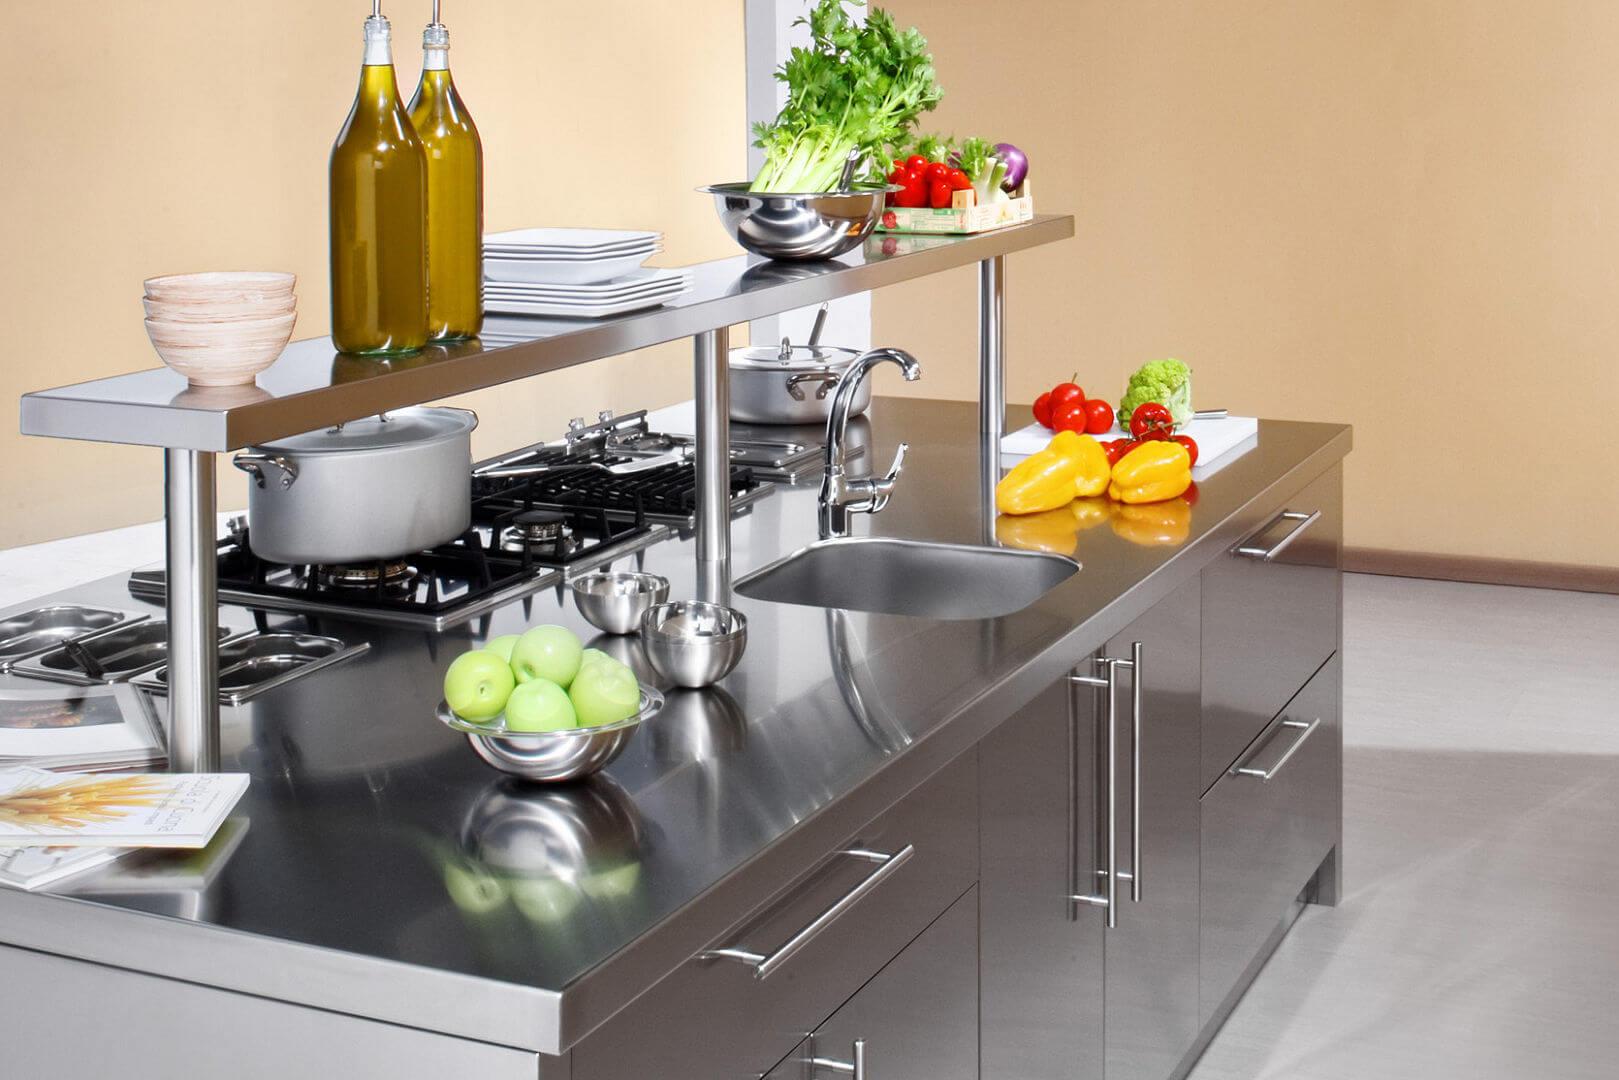 Top cucina acciaio inox prezzo beautiful offerte outlet cucine top cucina acciaio inox a prezzi - Cucine in acciaio prezzi ...